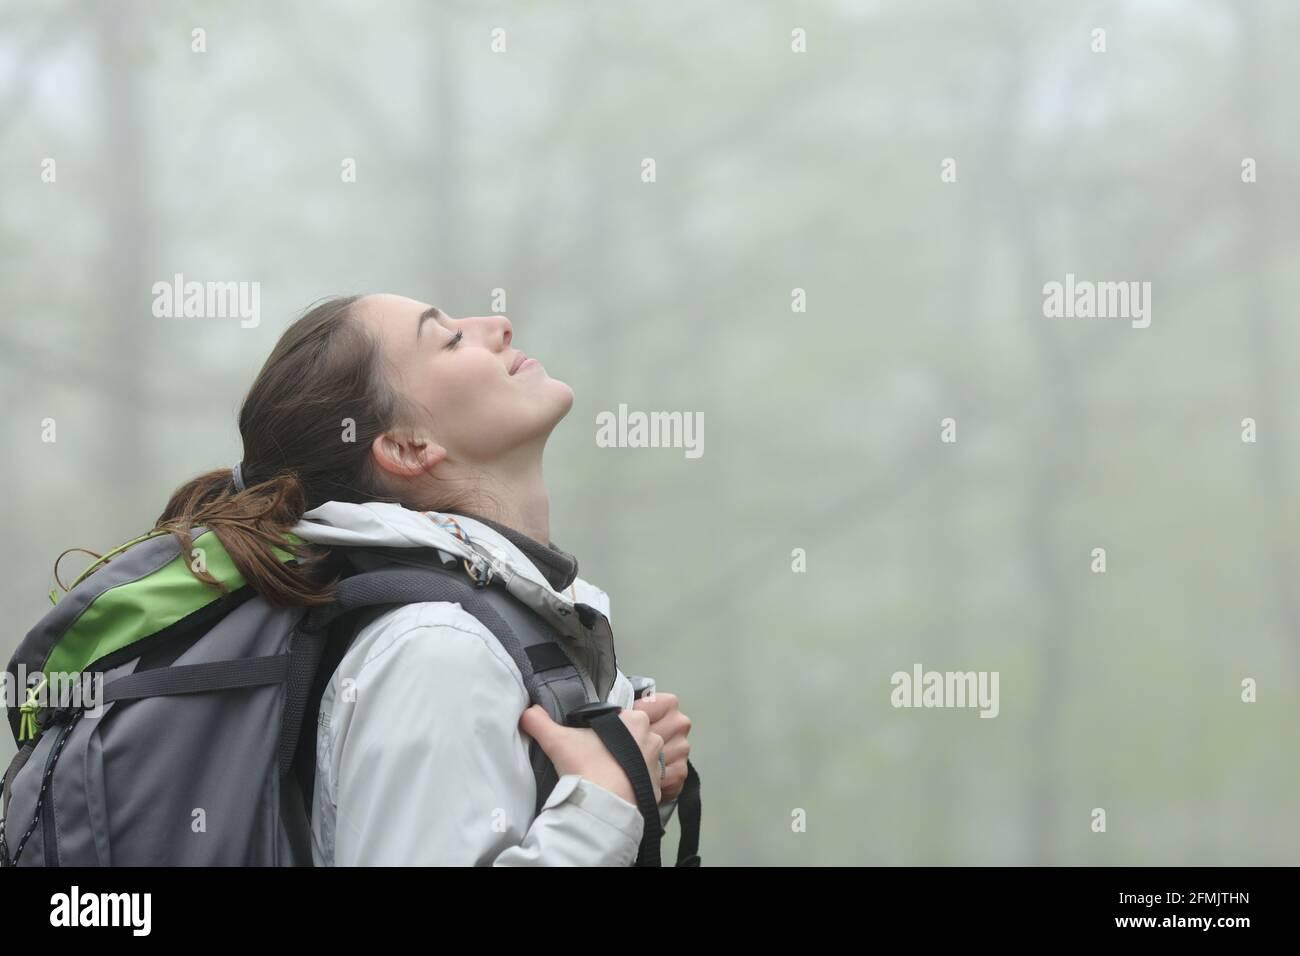 Vue latérale d'un trekker heureux respirant de l'air frais dans une forêt brumeuse Banque D'Images